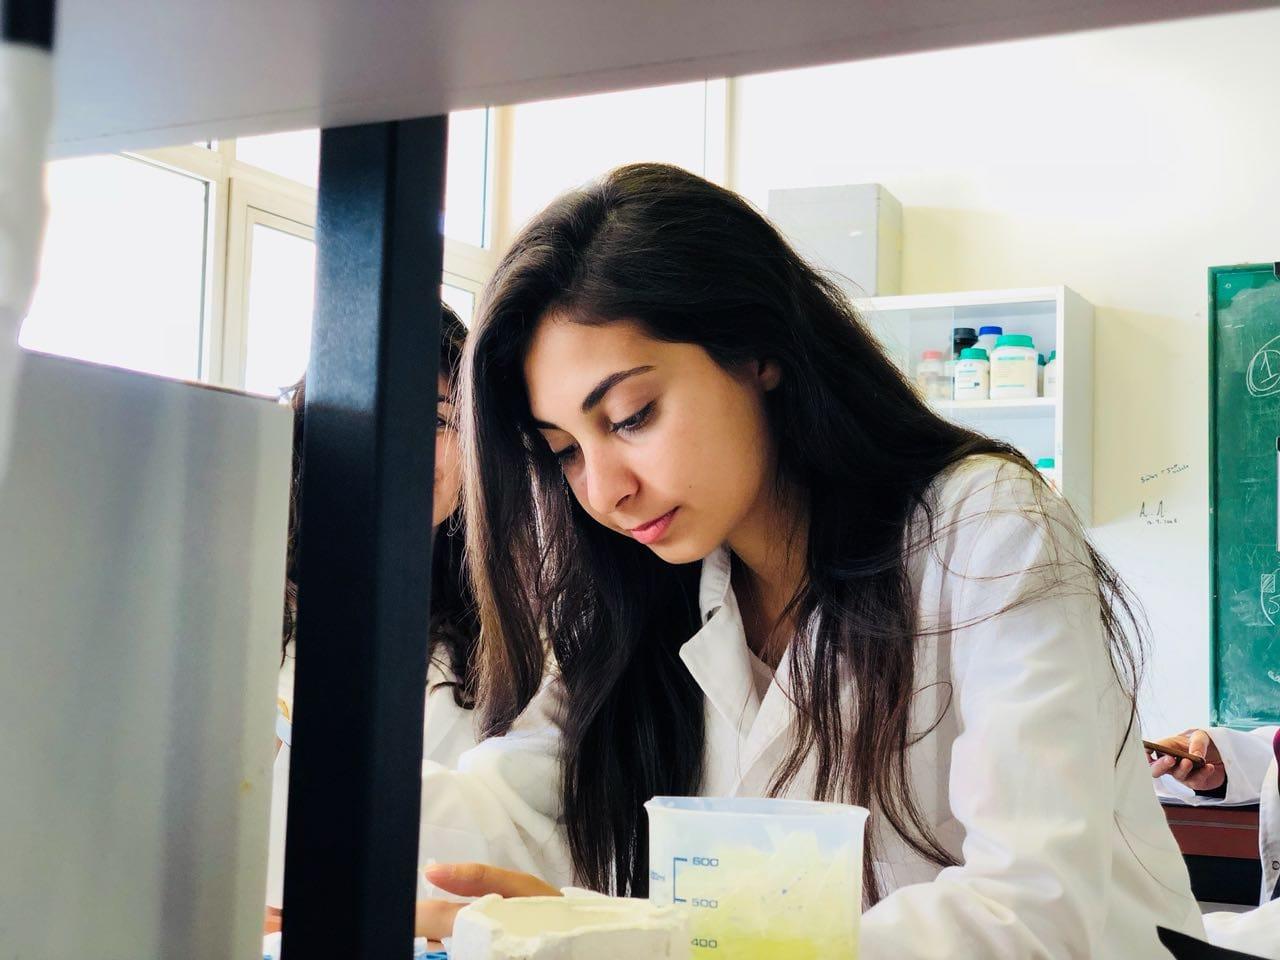 """الشابة """"رنا صميدة"""" تتفوق في فرنسا... خريجة """"اللبنانية"""" حققت المرتبة الاولى على دفعتها في الماستر 1 (Biologie - Santé) في جامعة ستراسبورغ"""